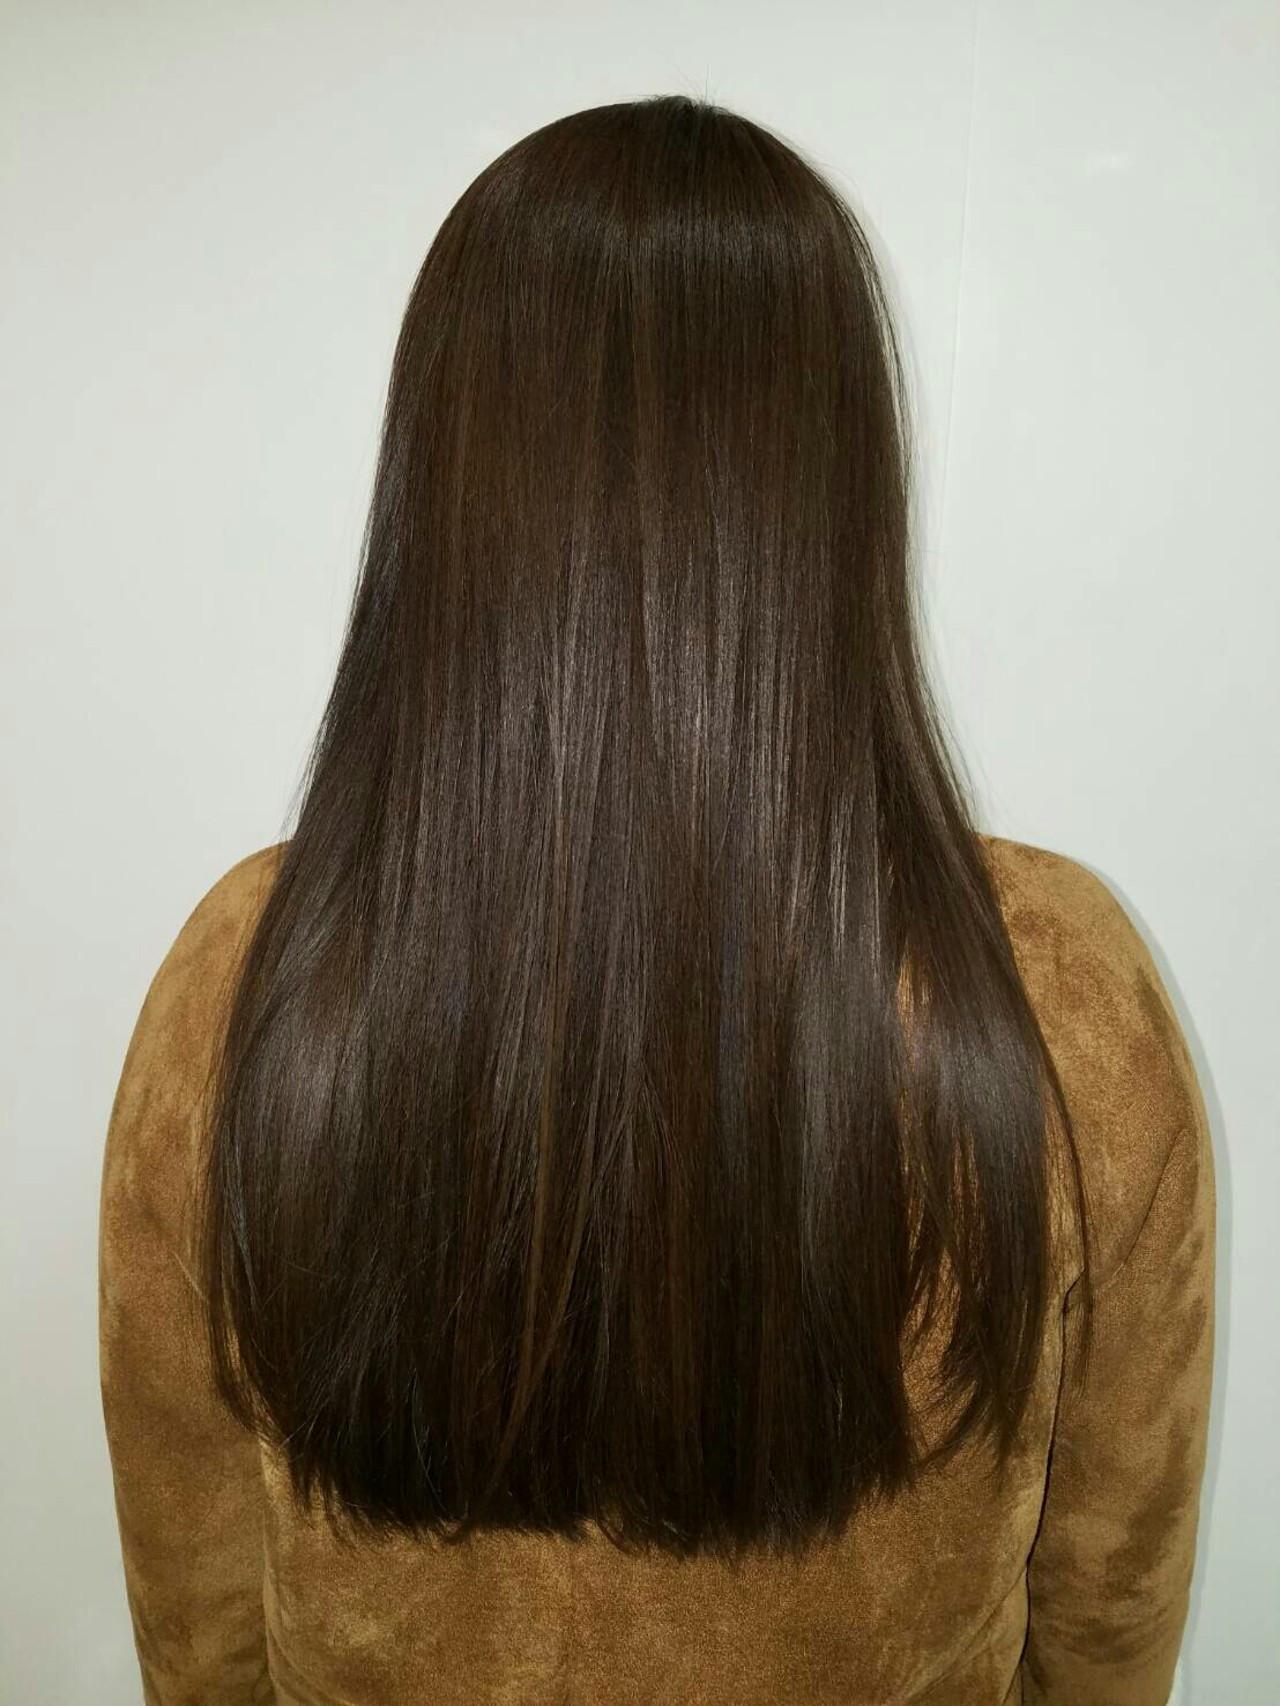 暗髪 ロング アッシュブラウン 艶髪 ヘアスタイルや髪型の写真・画像